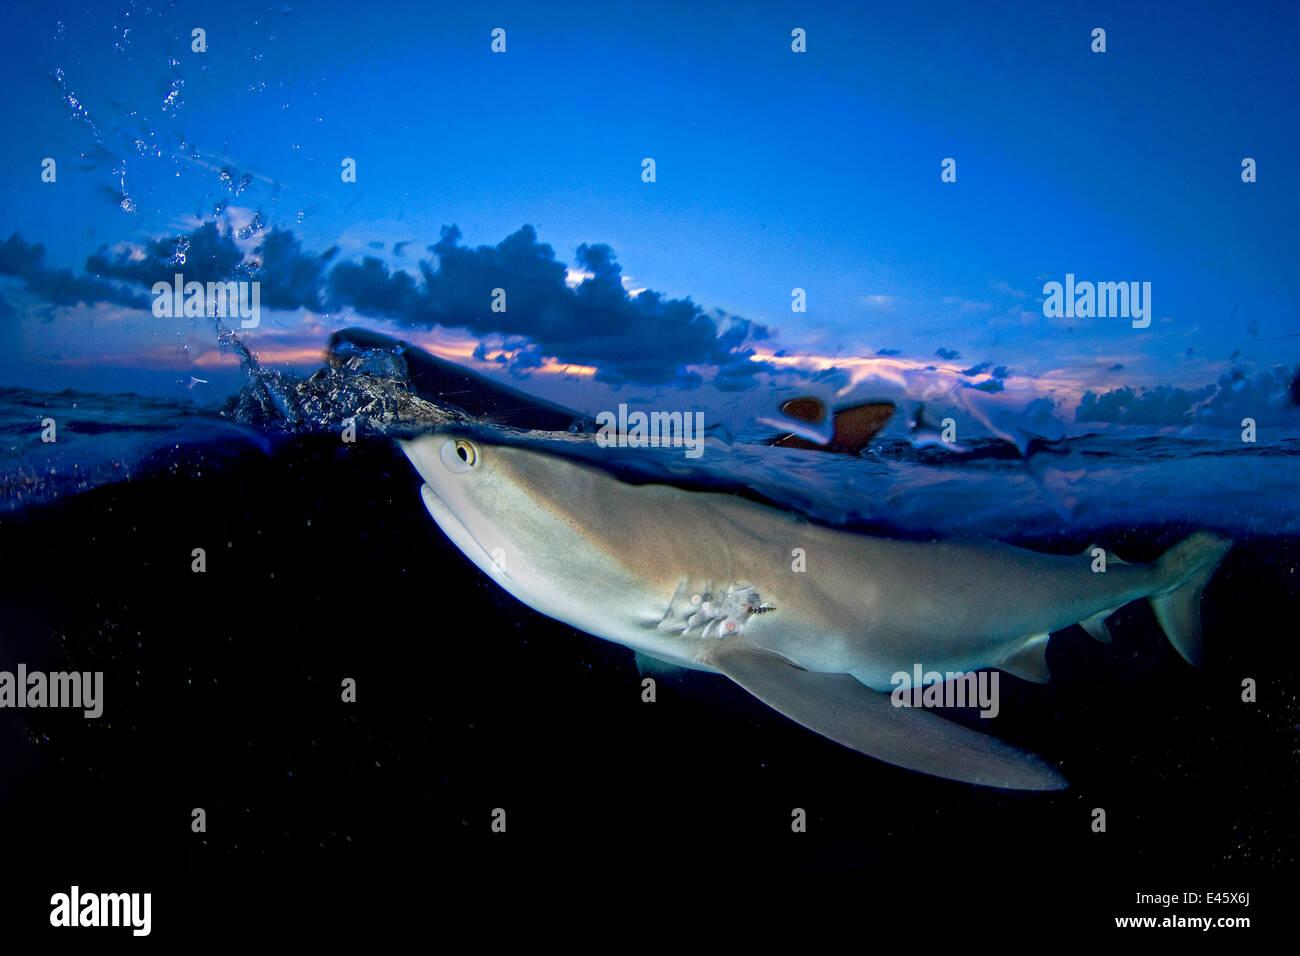 Split-Level Bild der Karibik Riff Hai (Carcharhinus Perezi) brechen Oberfläche in der Abenddämmerung. Stockbild